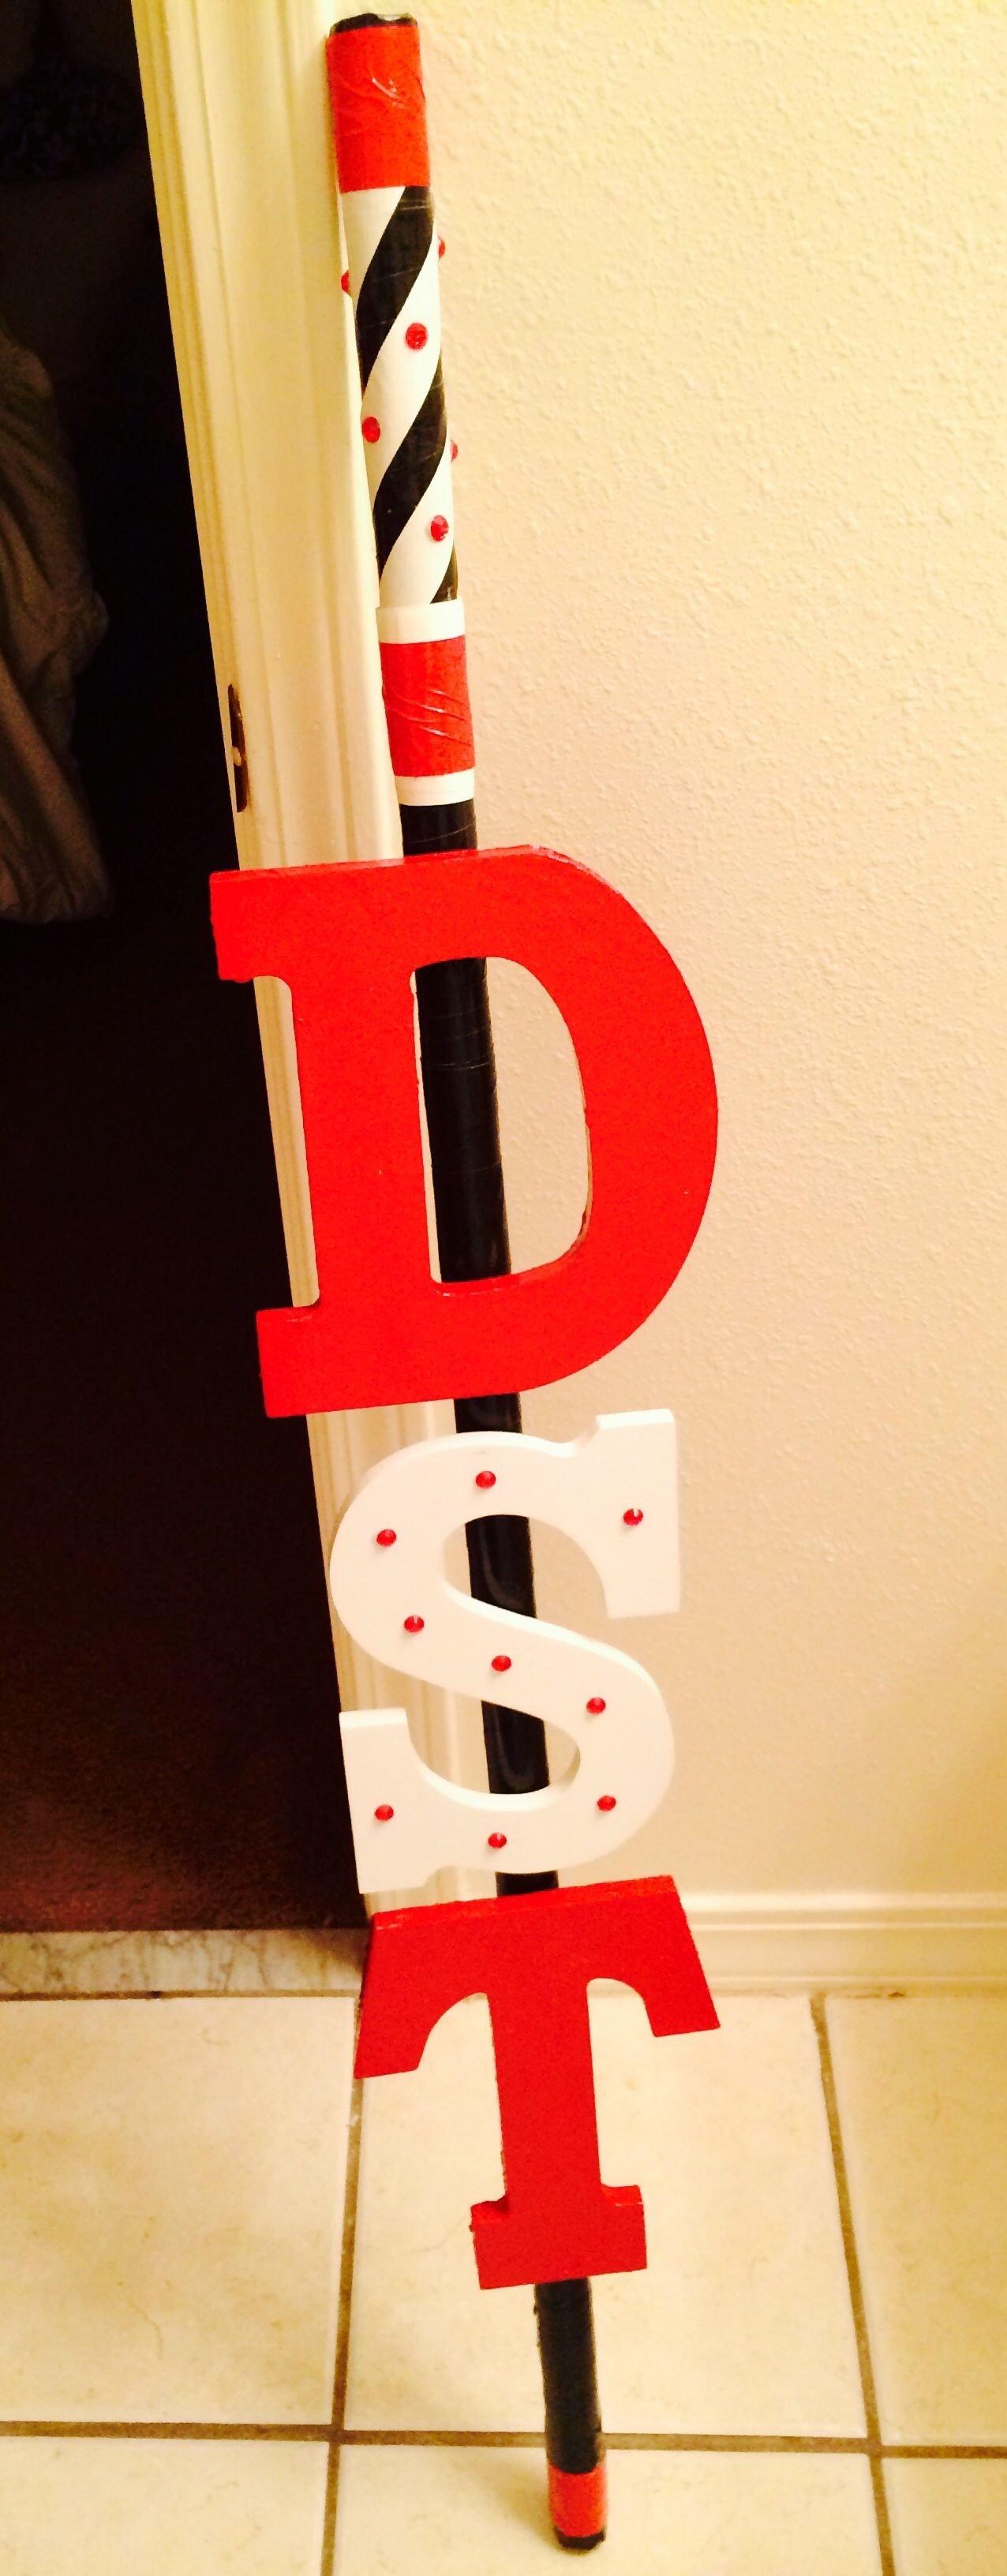 10 Best Delta Sigma Theta Gift Ideas feeling crafty dst staff e29da4 e29da4 e29da4 delta sigma theta sorority 2020